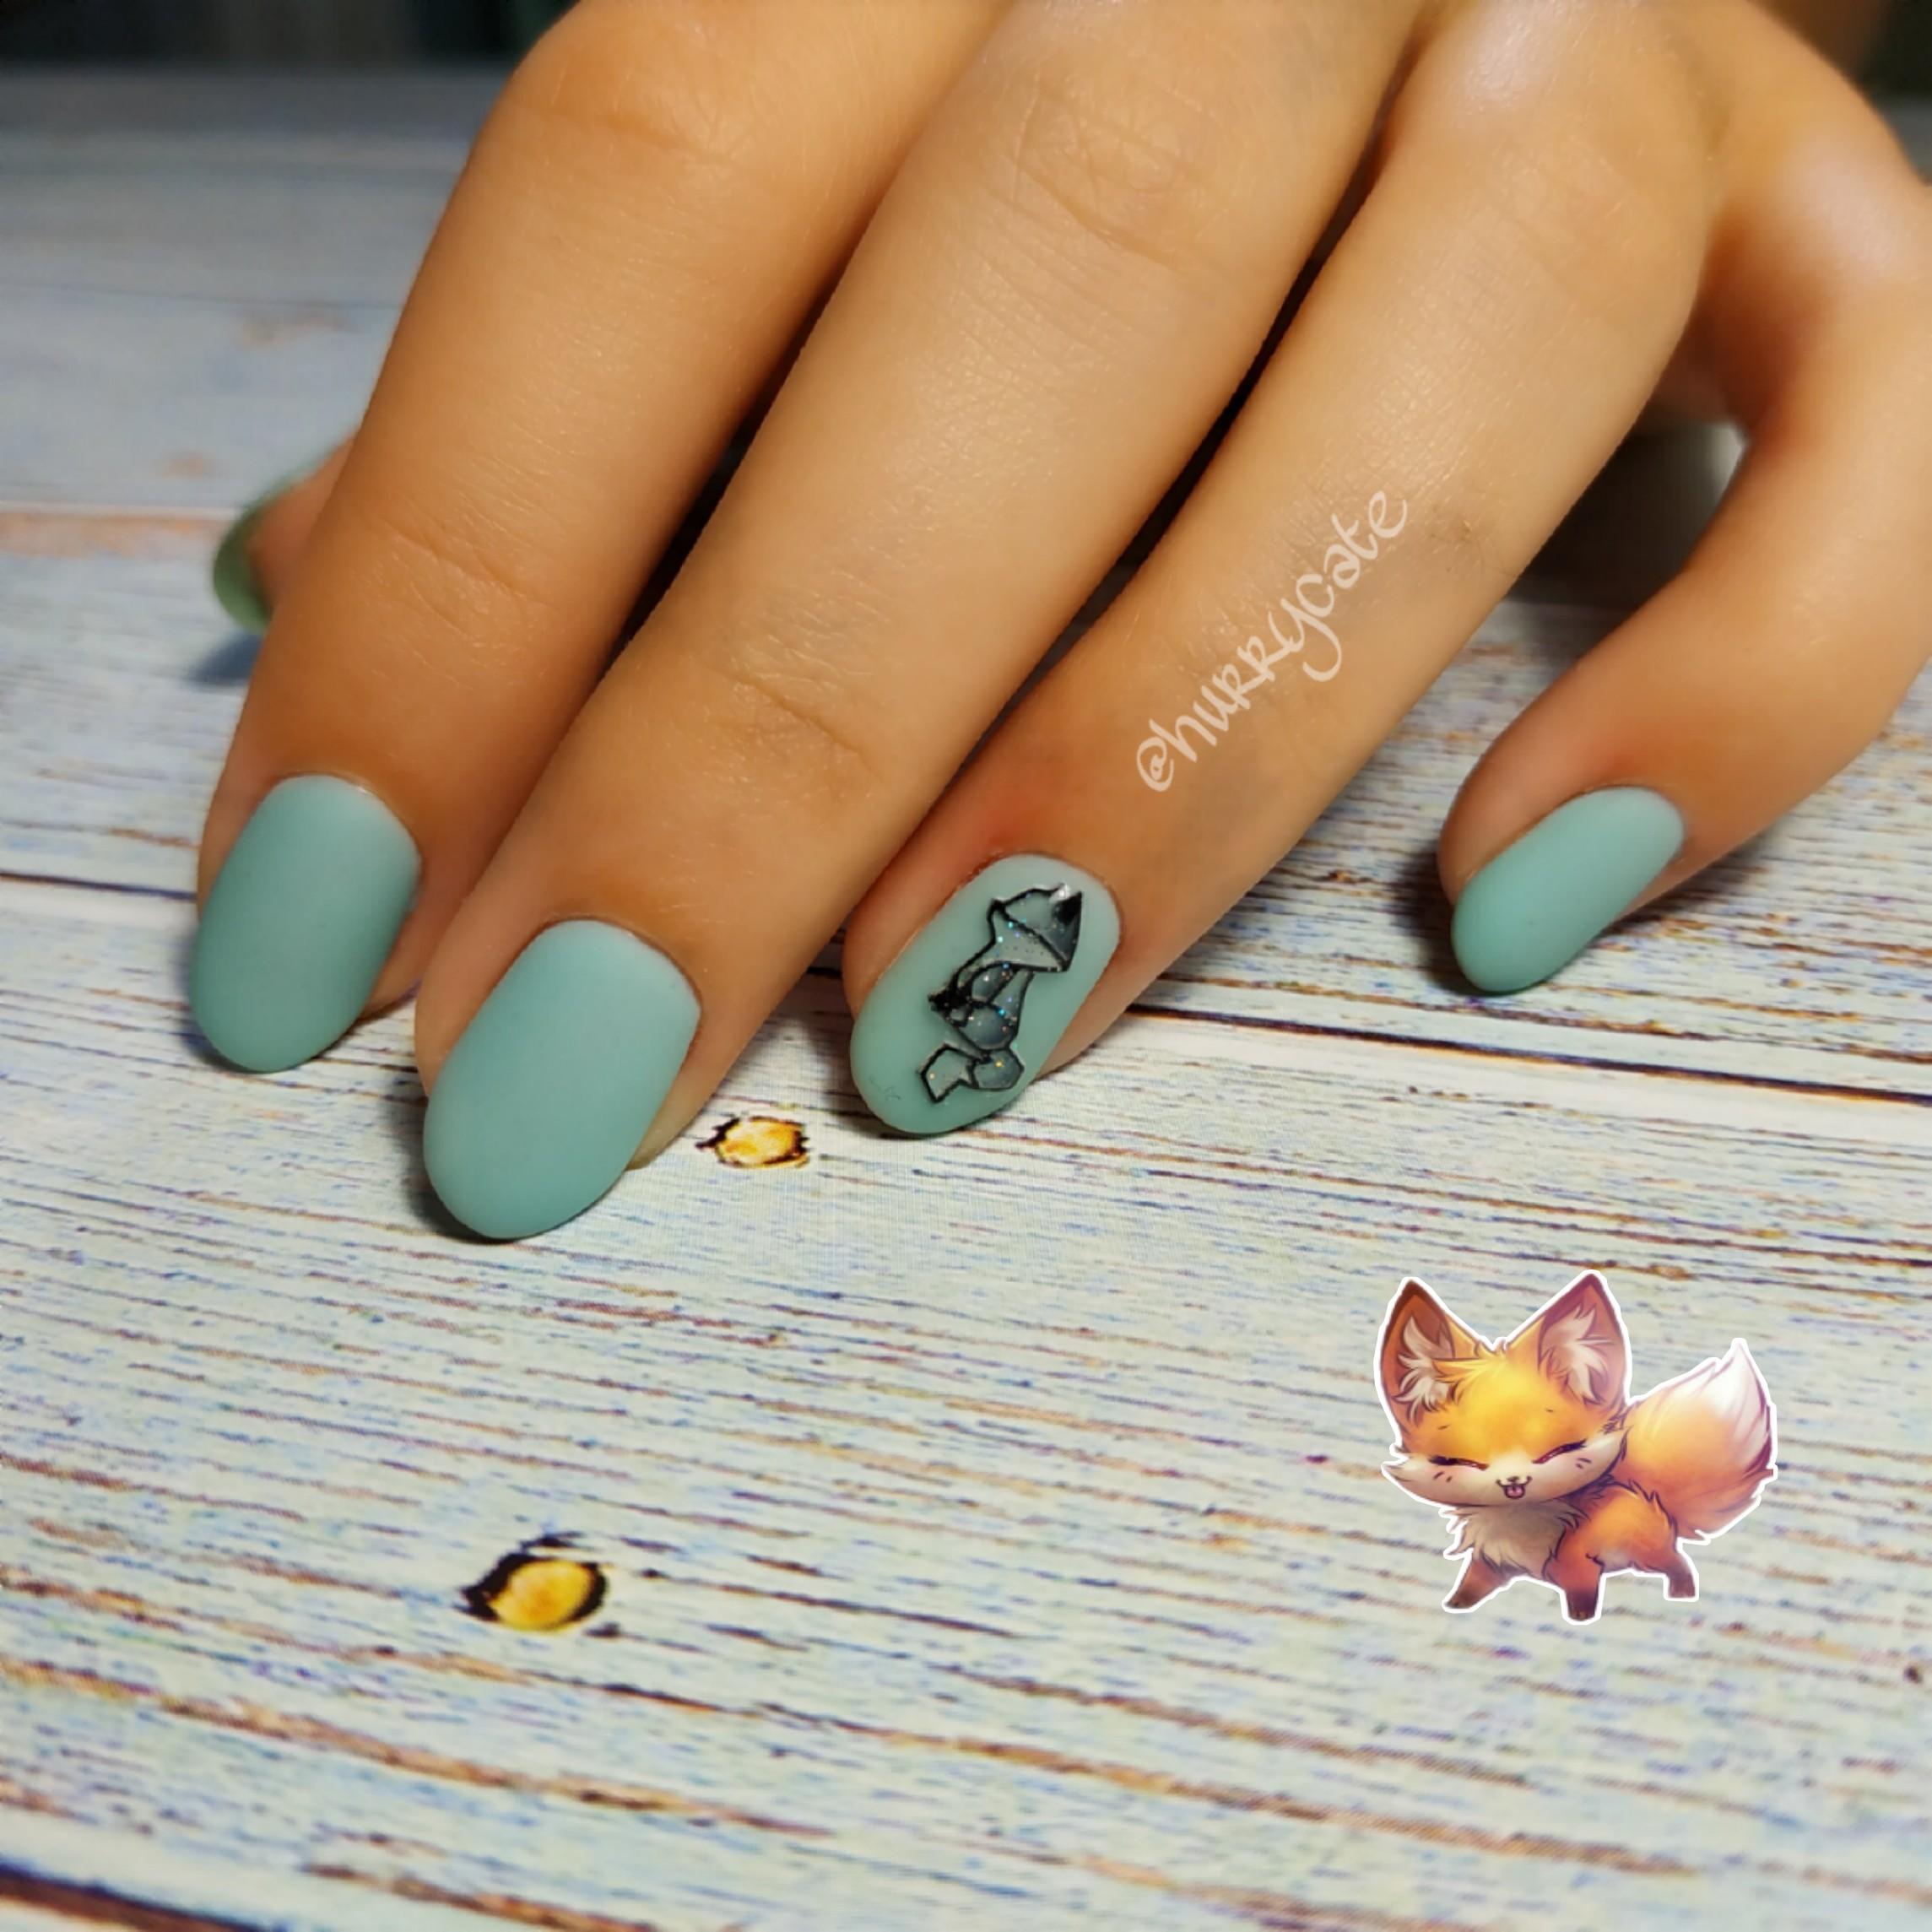 """Матовый маникюр в бирюзовом цвете со слайдером """"лисёнок"""" и блёстками."""